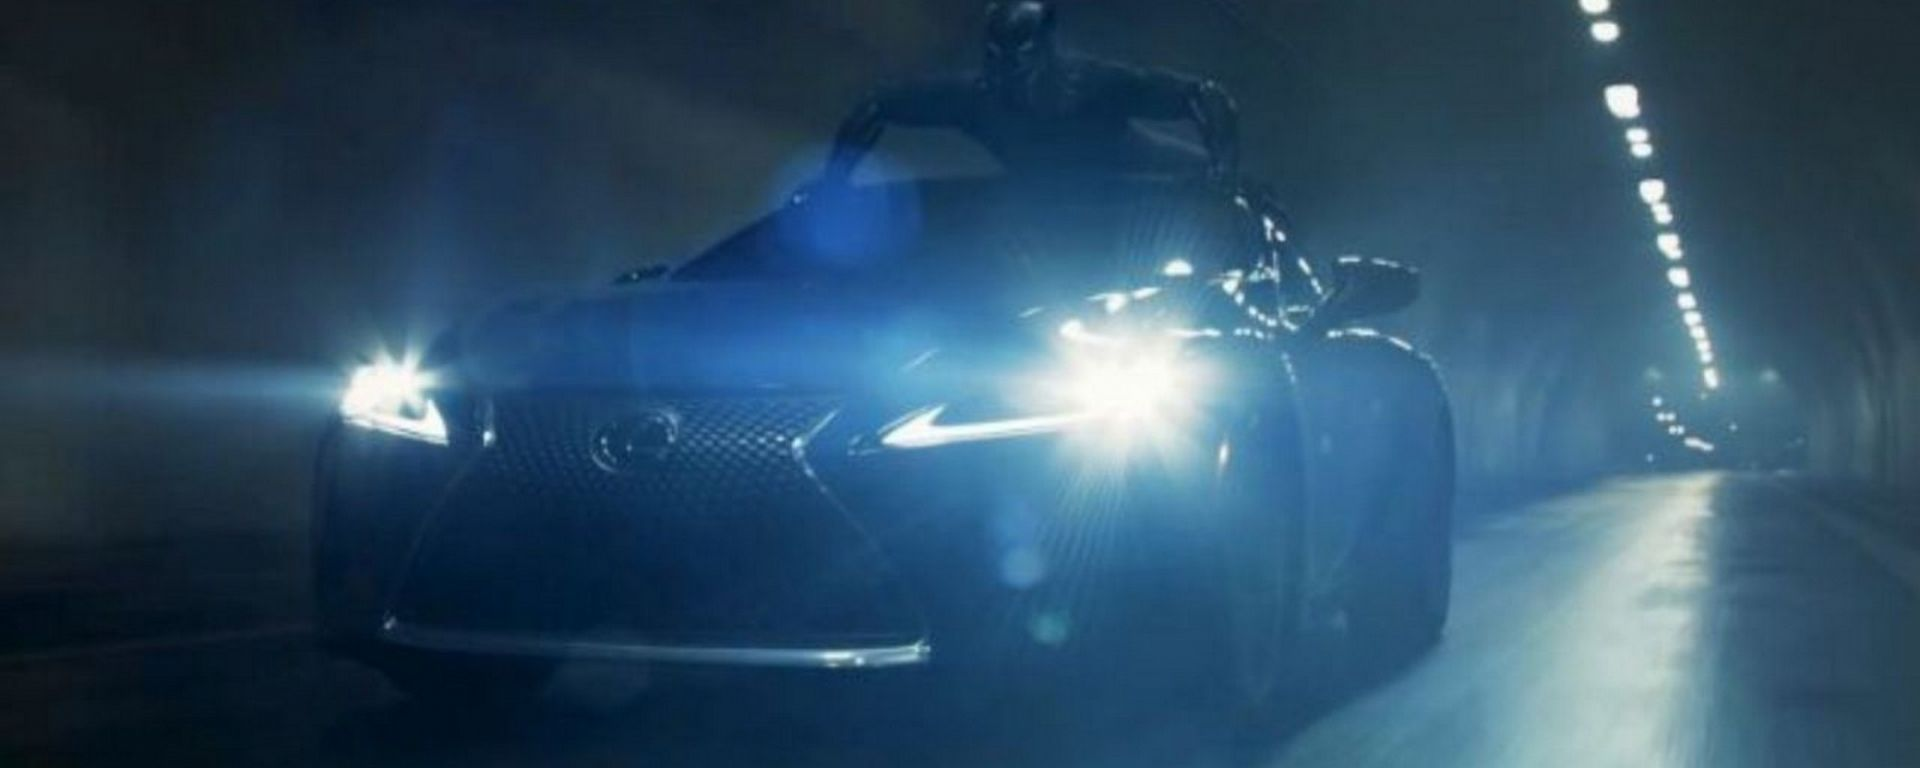 Super Bowl 2018, lo spot della Lexus LS 500